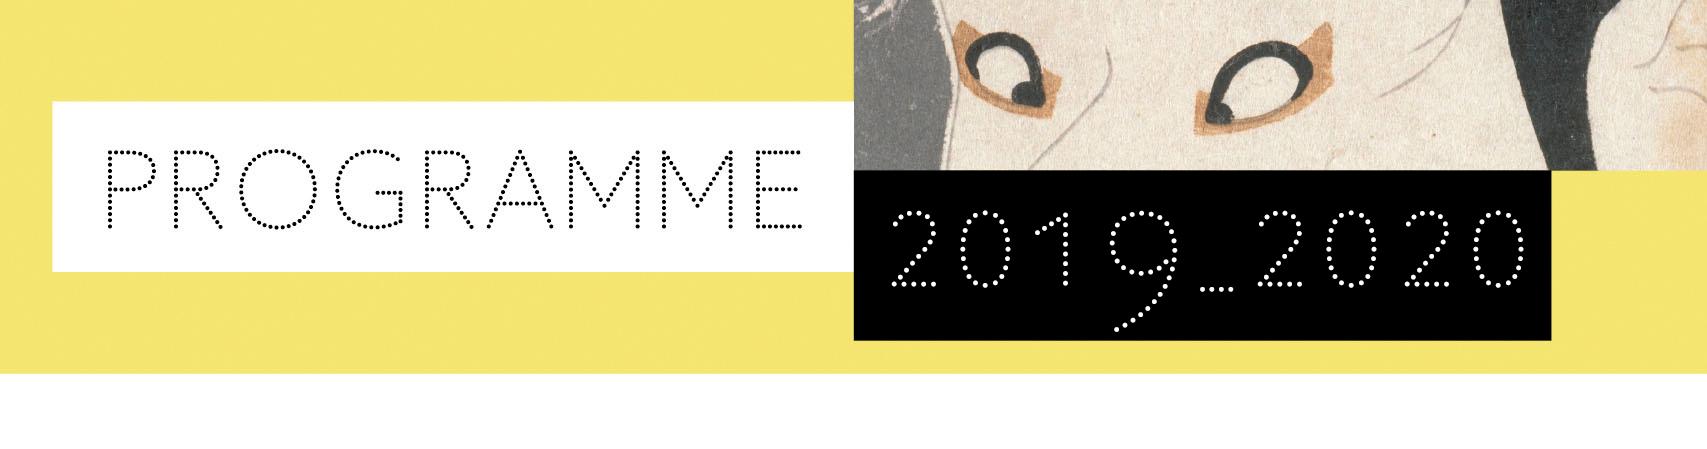 Programme 2019-2020 cours histoires d'art au Grand Palais